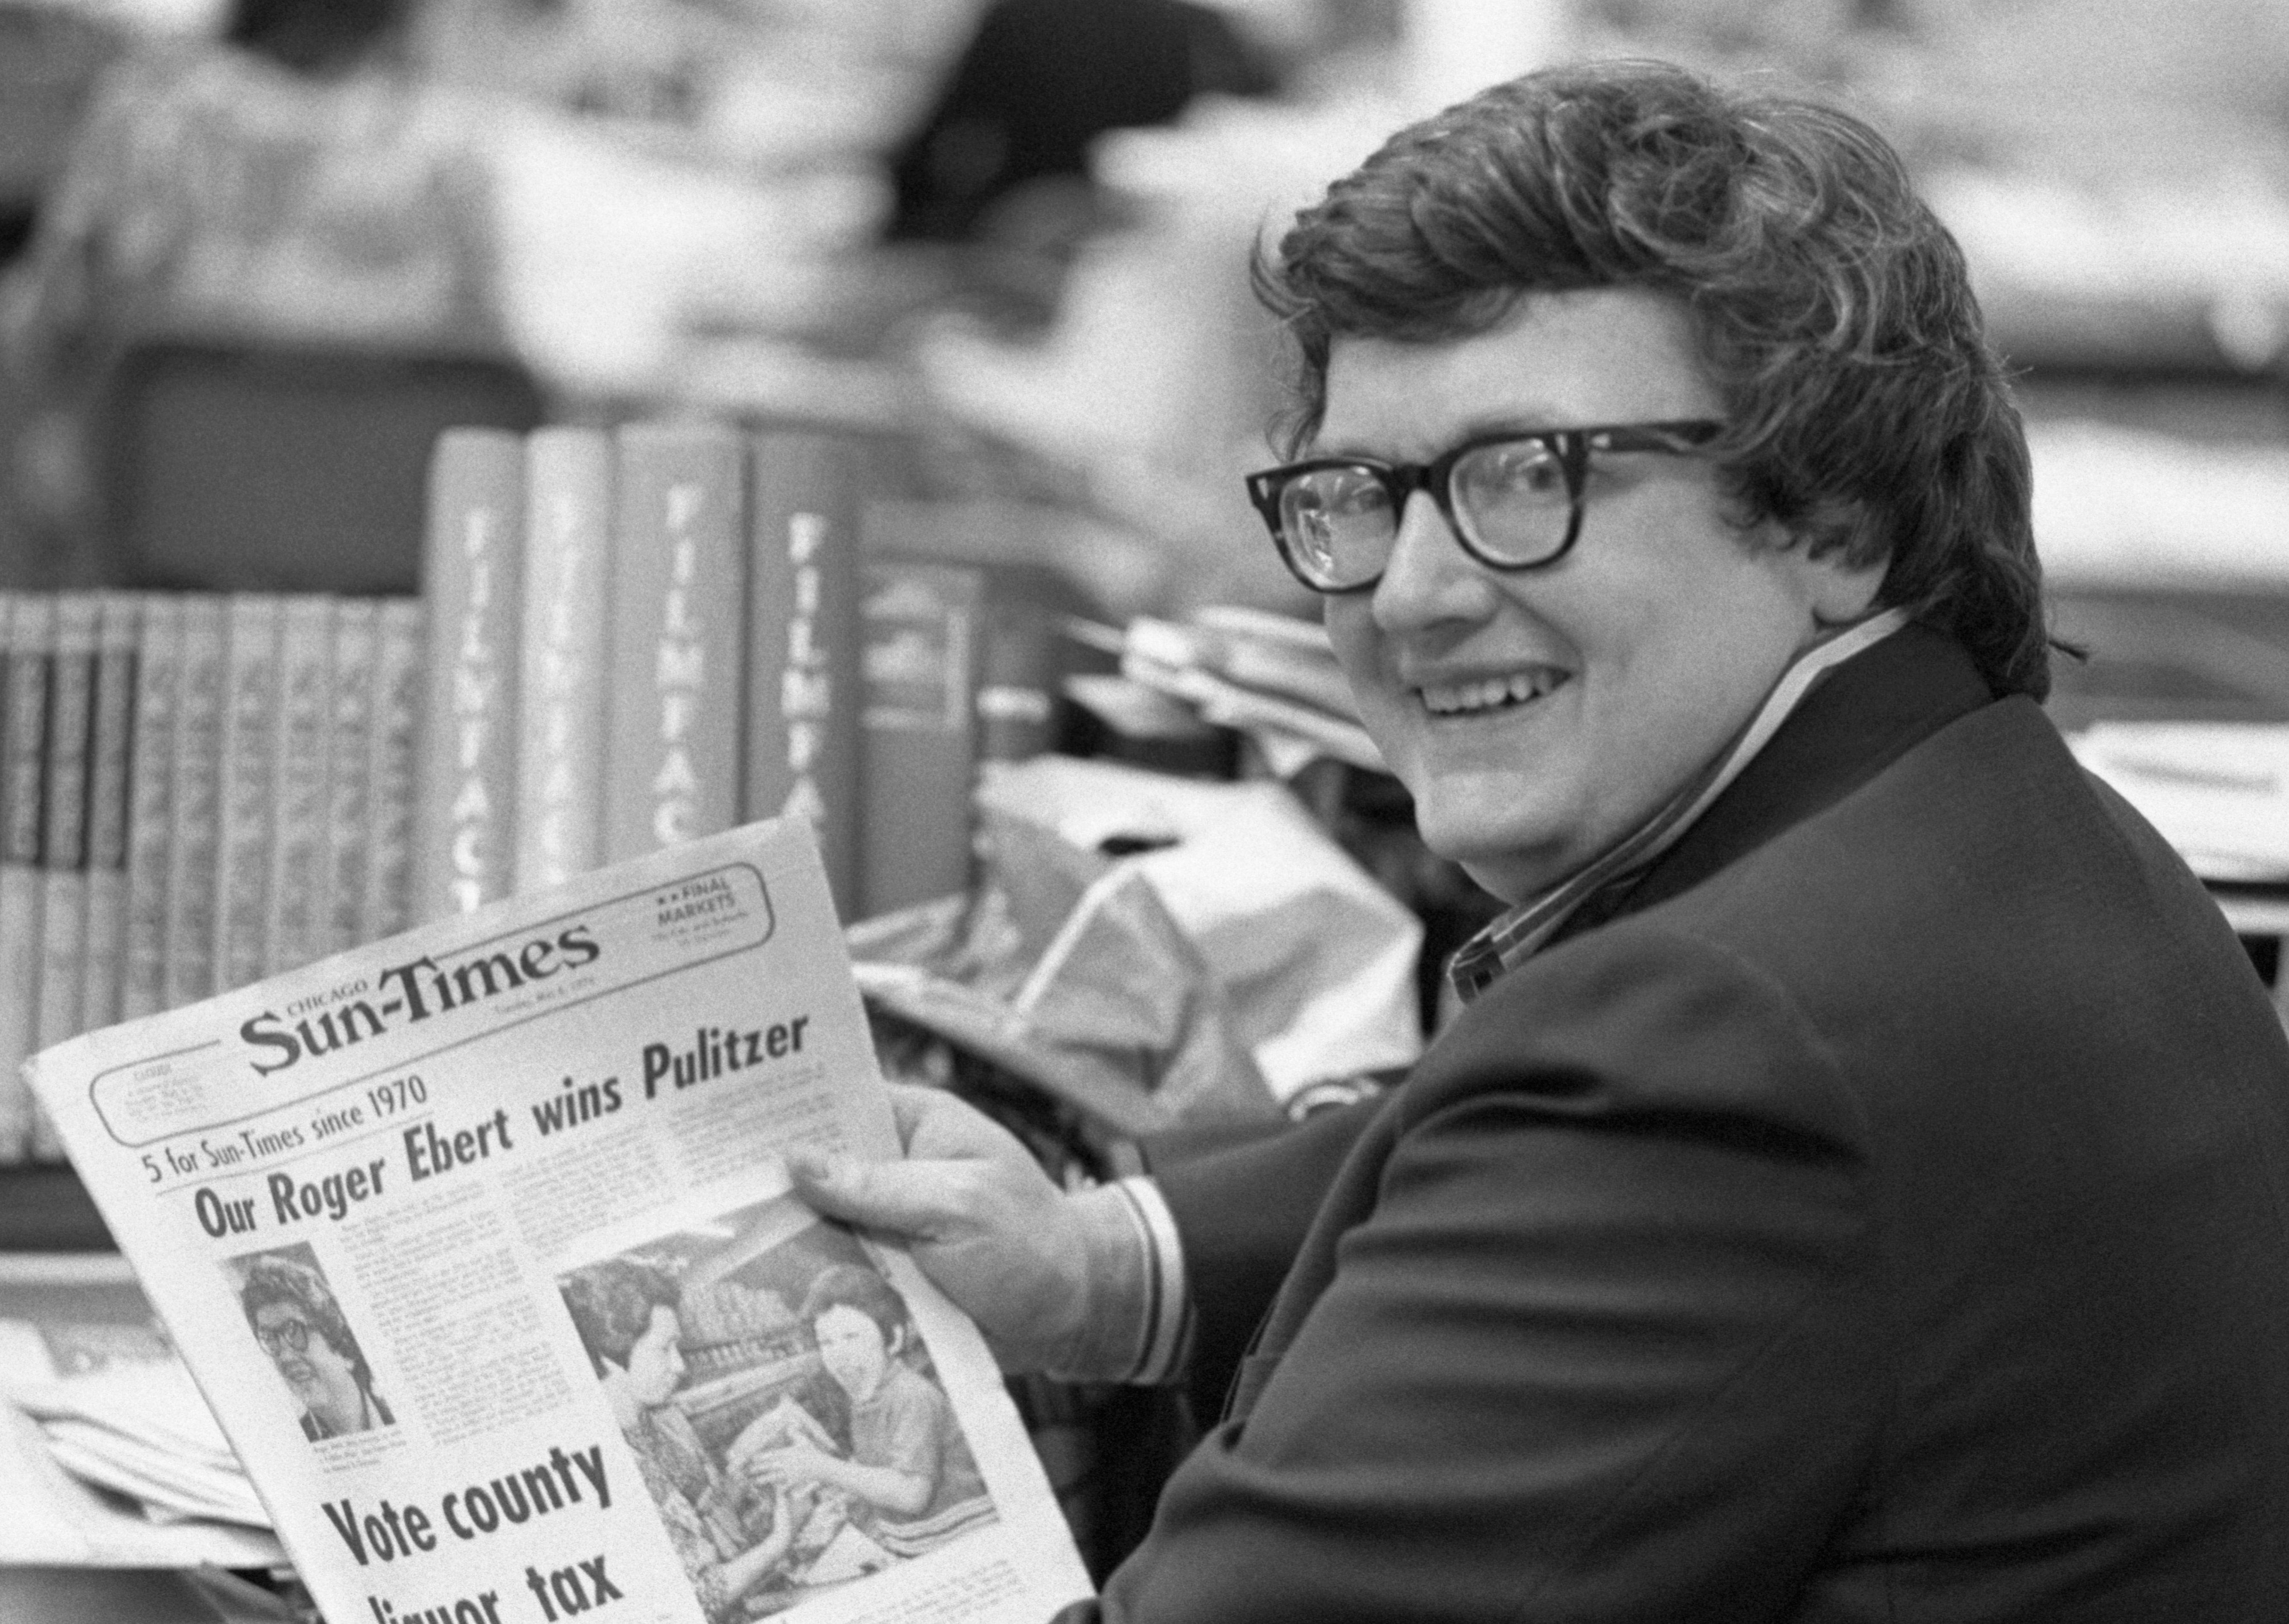 Roger Ebert wins Pulitzer Prize